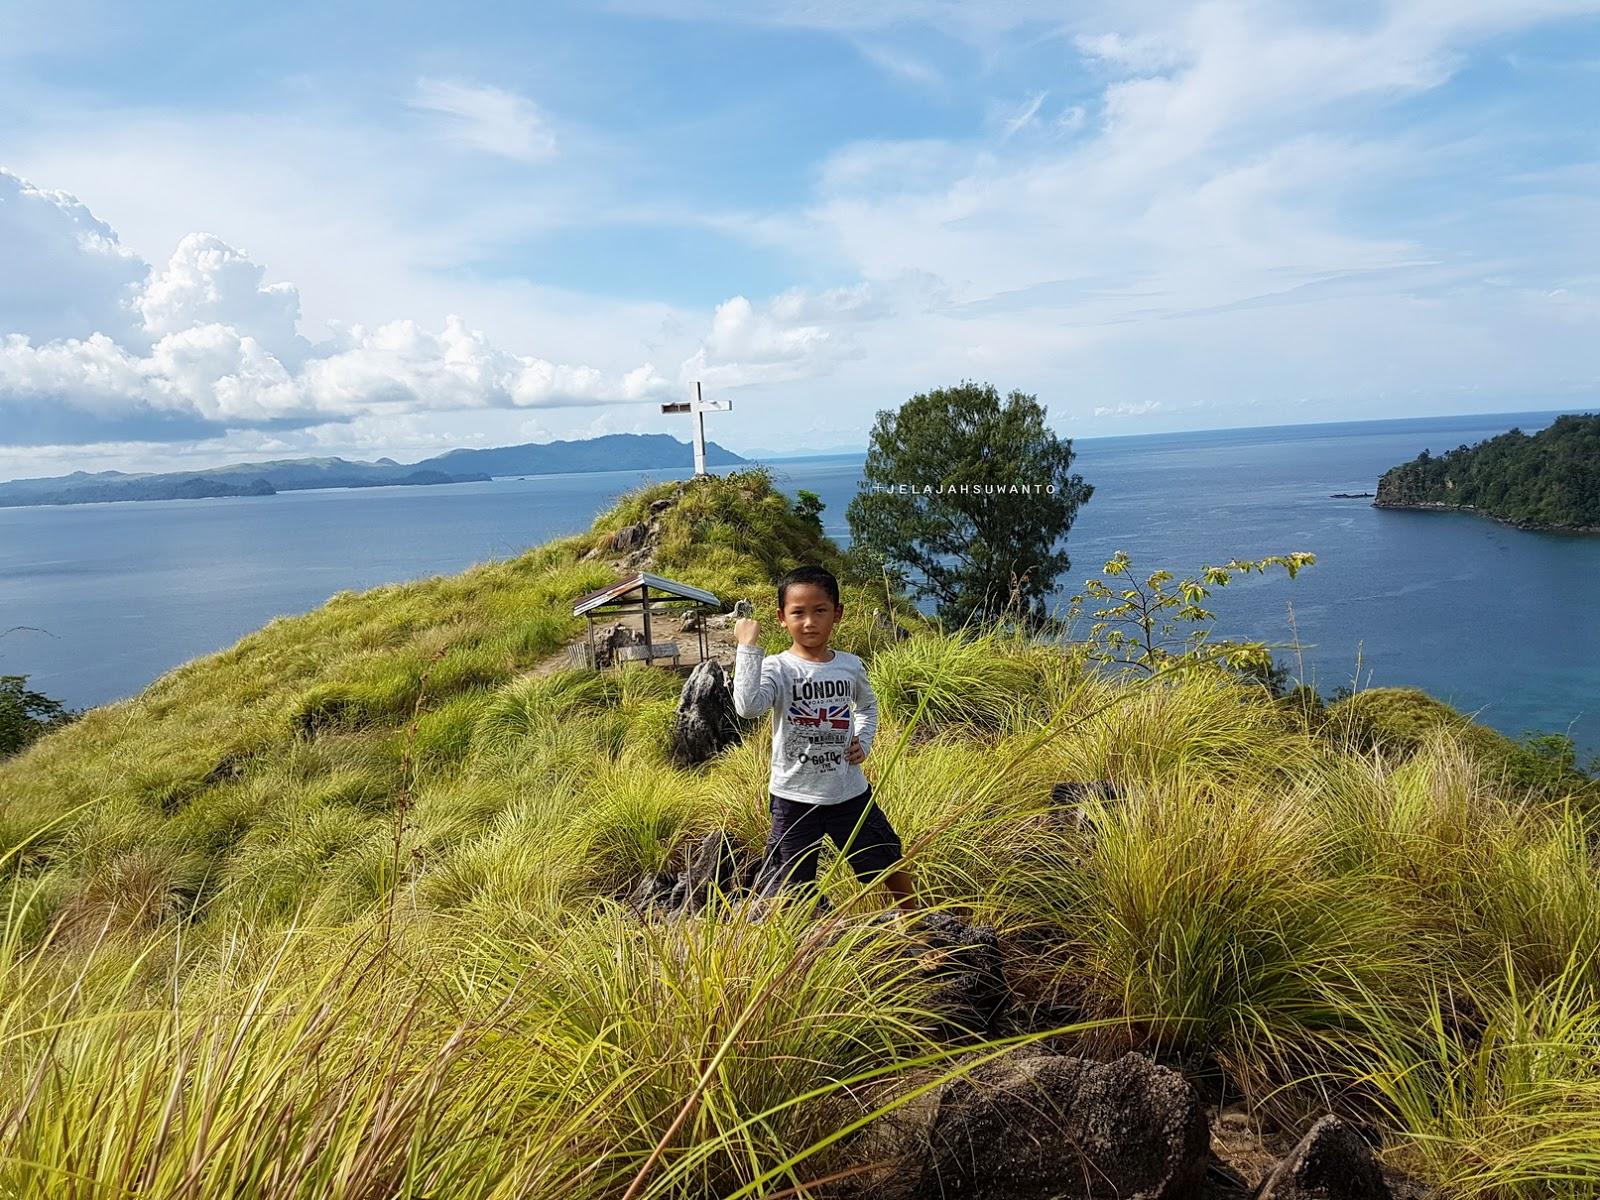 Jelajah Keluarga Suwanto Bukit Pulisan The View From The Hill ...